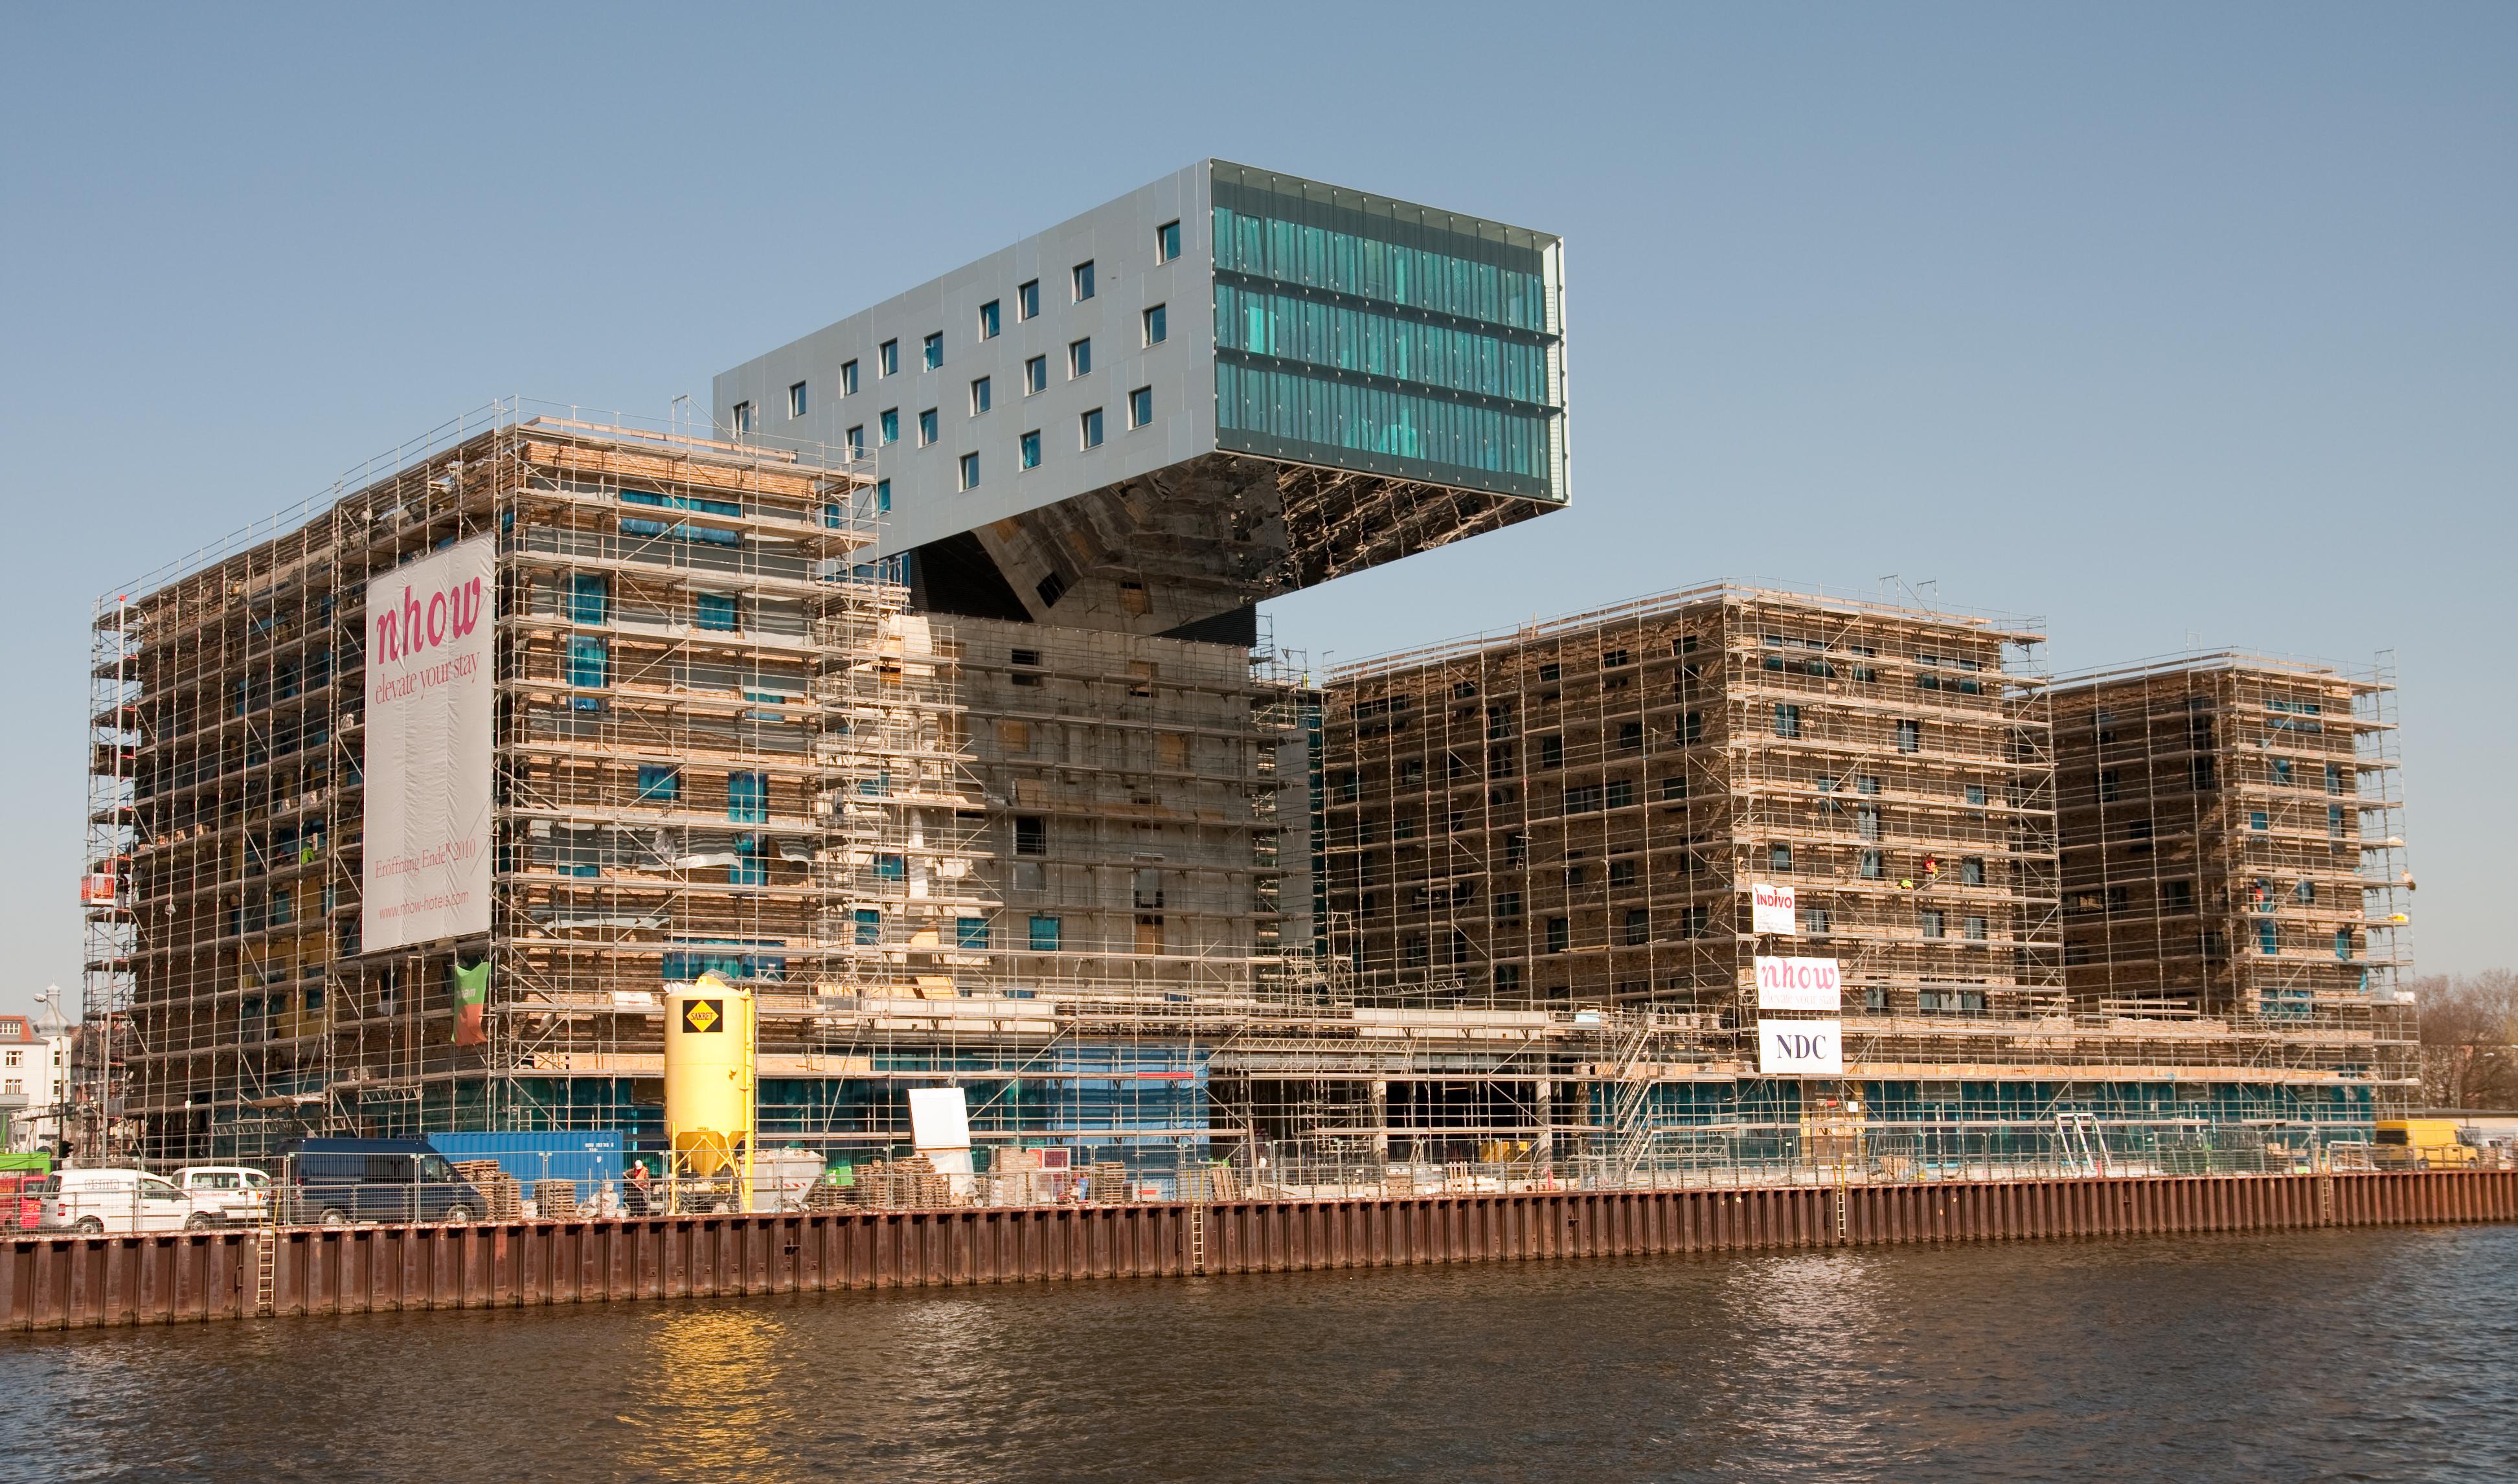 Nh Hotel Berlin Stralauer Allee